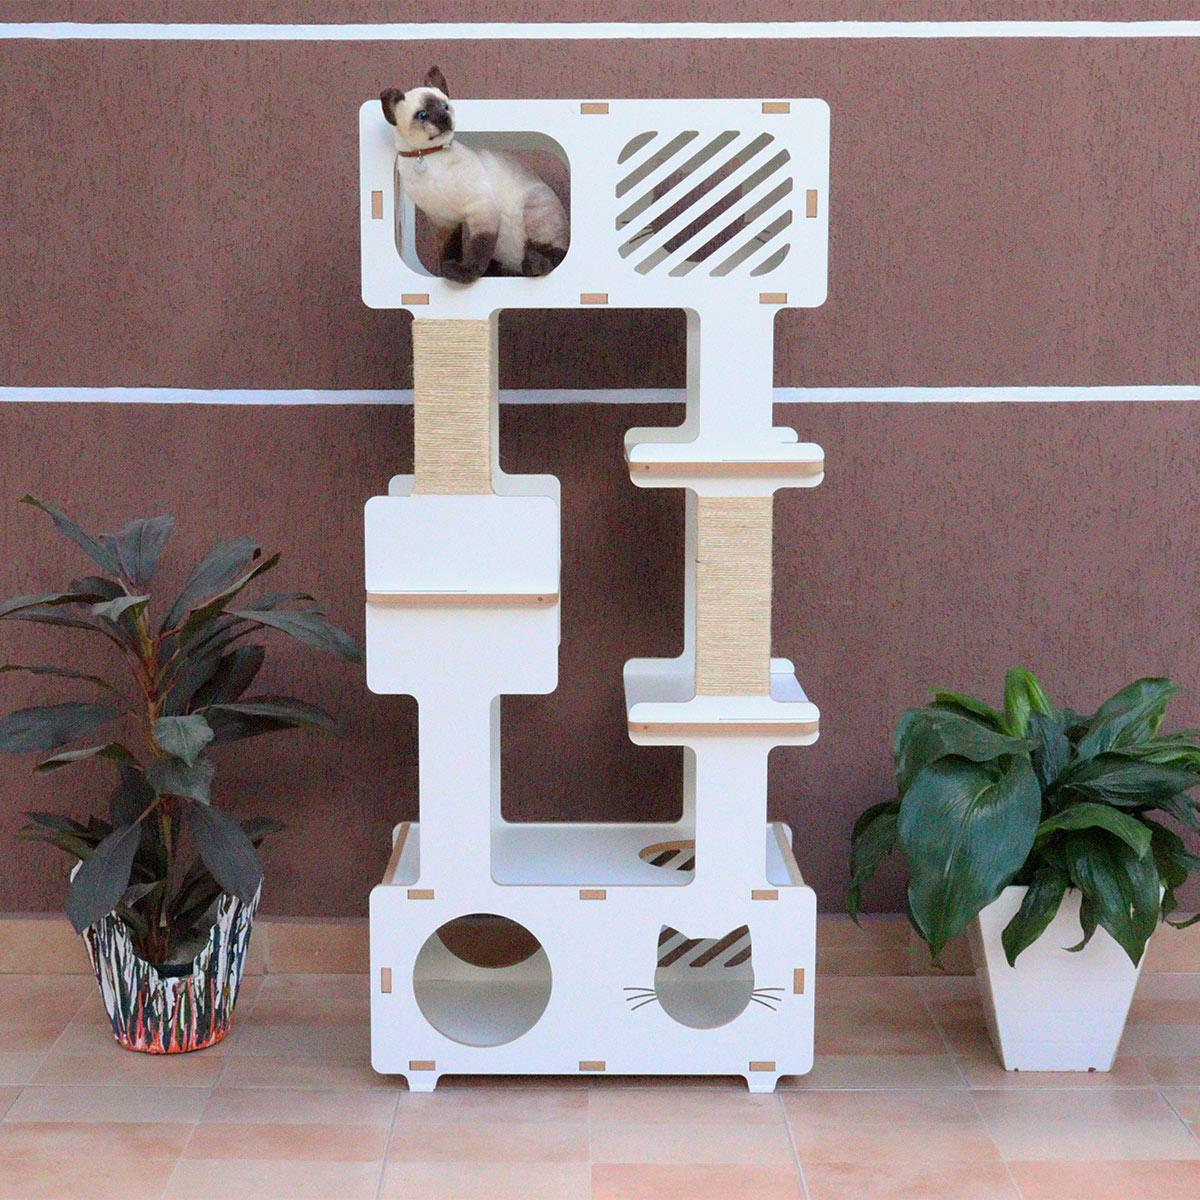 Torre Cama Toca Arranhador gato - Simbah Chocmaster